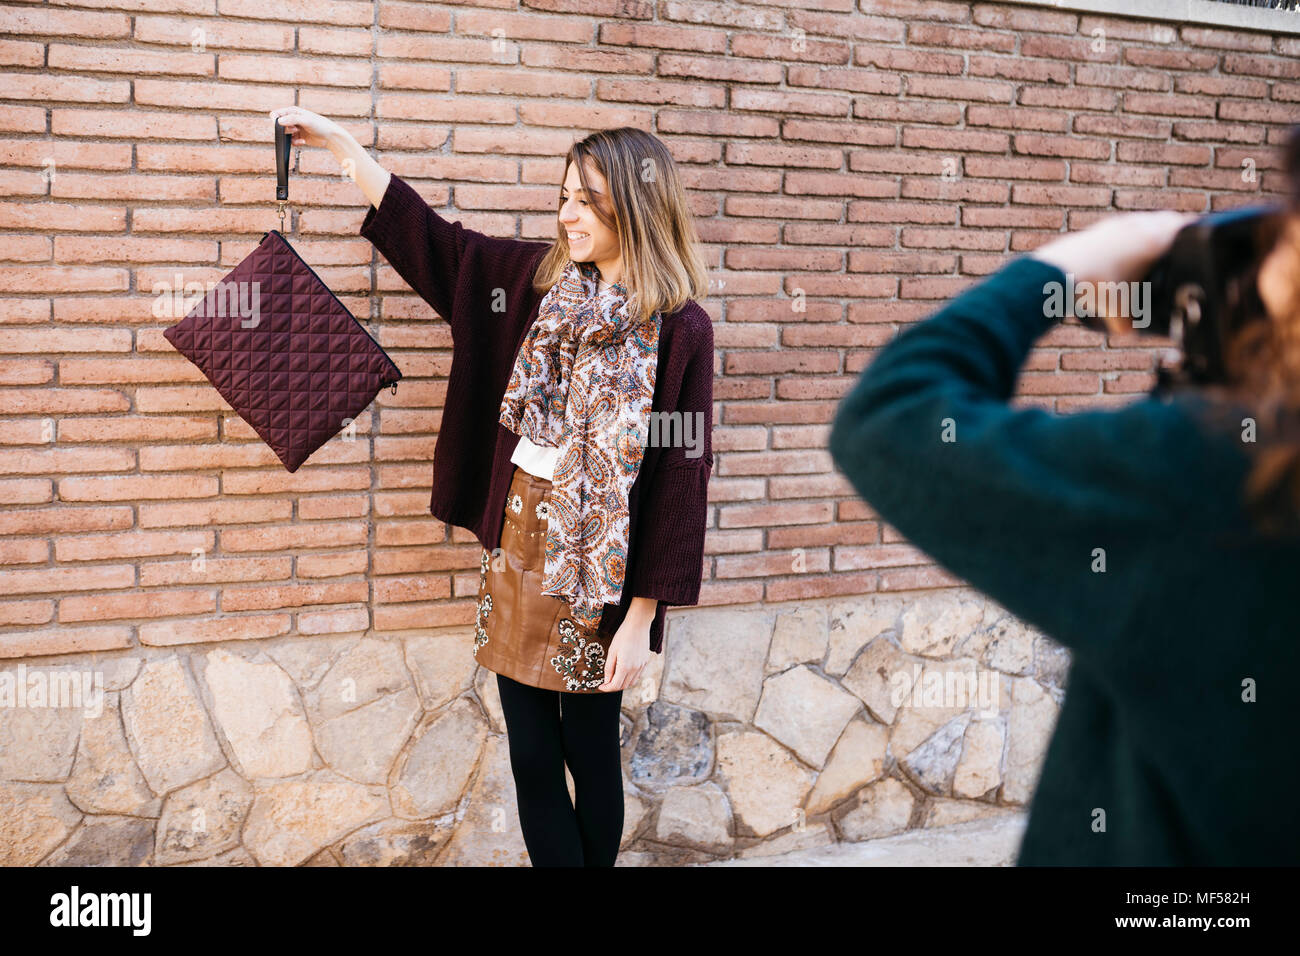 Los diseñadores de moda haciendo una sesión de fotos de sus nuevos productos Imagen De Stock